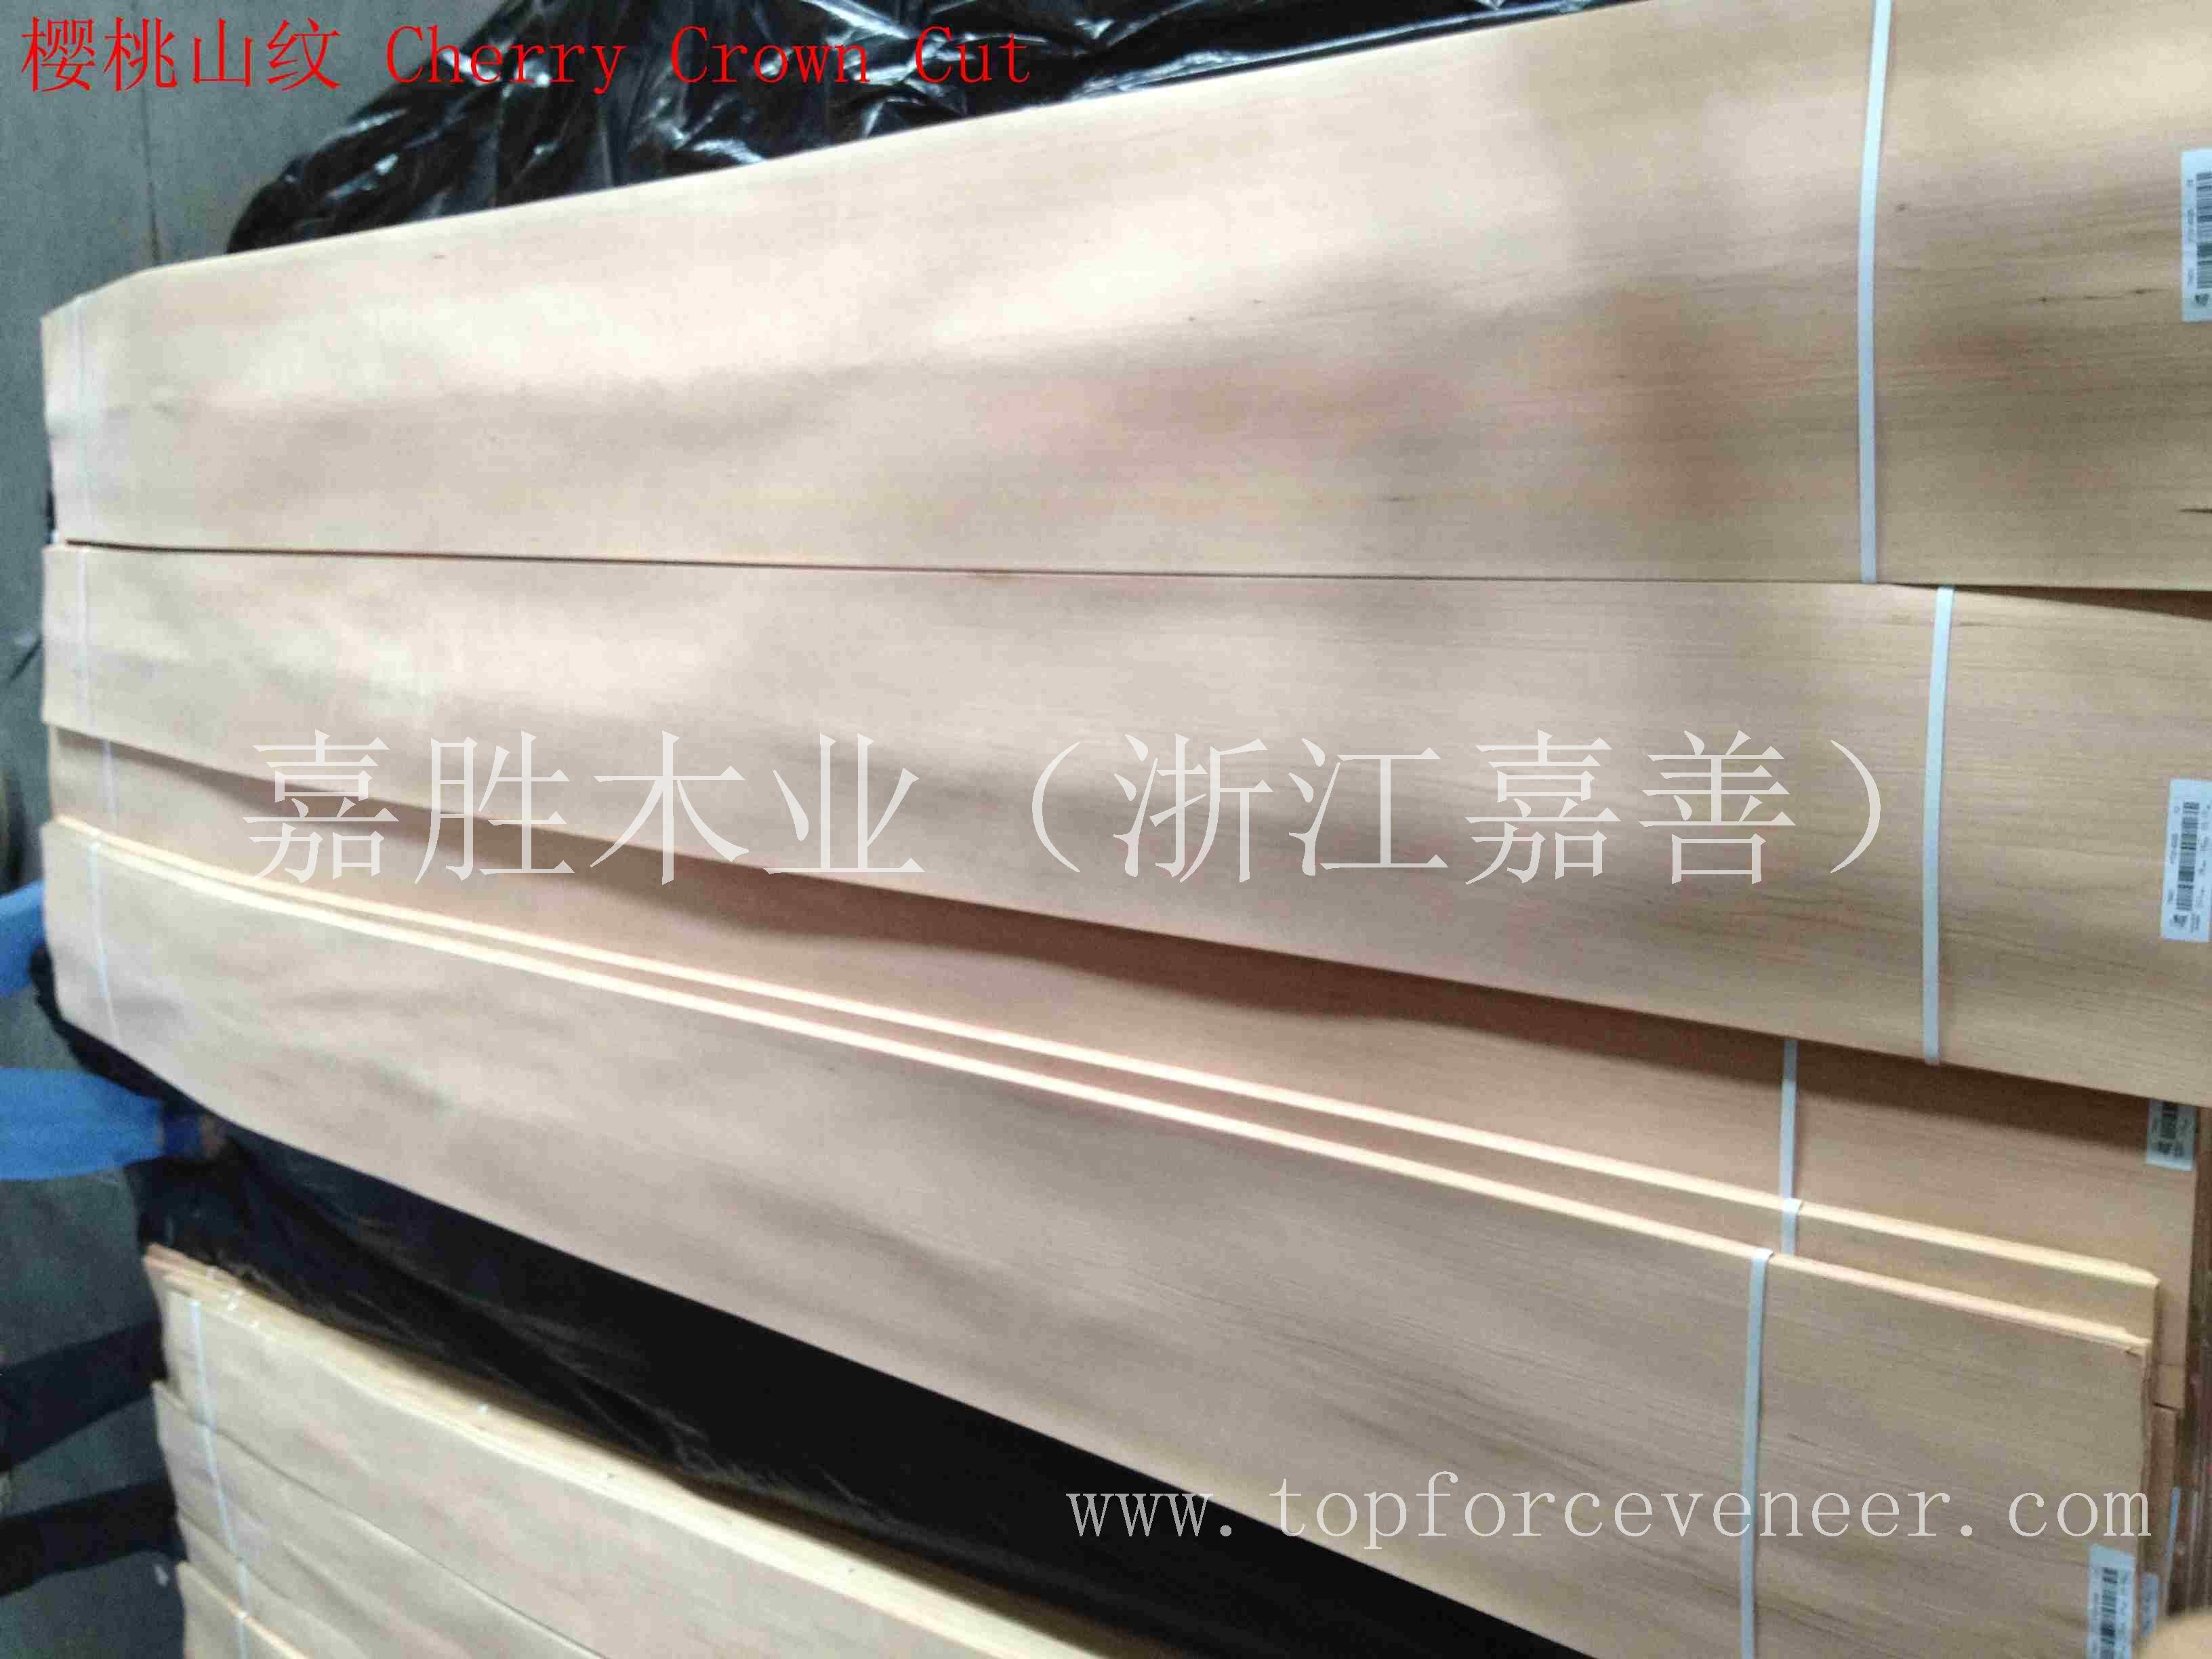 上海美国樱桃小顺花木皮-ShangHai American Black Cherry Cathydral Veneer Architecture Grade 嘉胜木业(